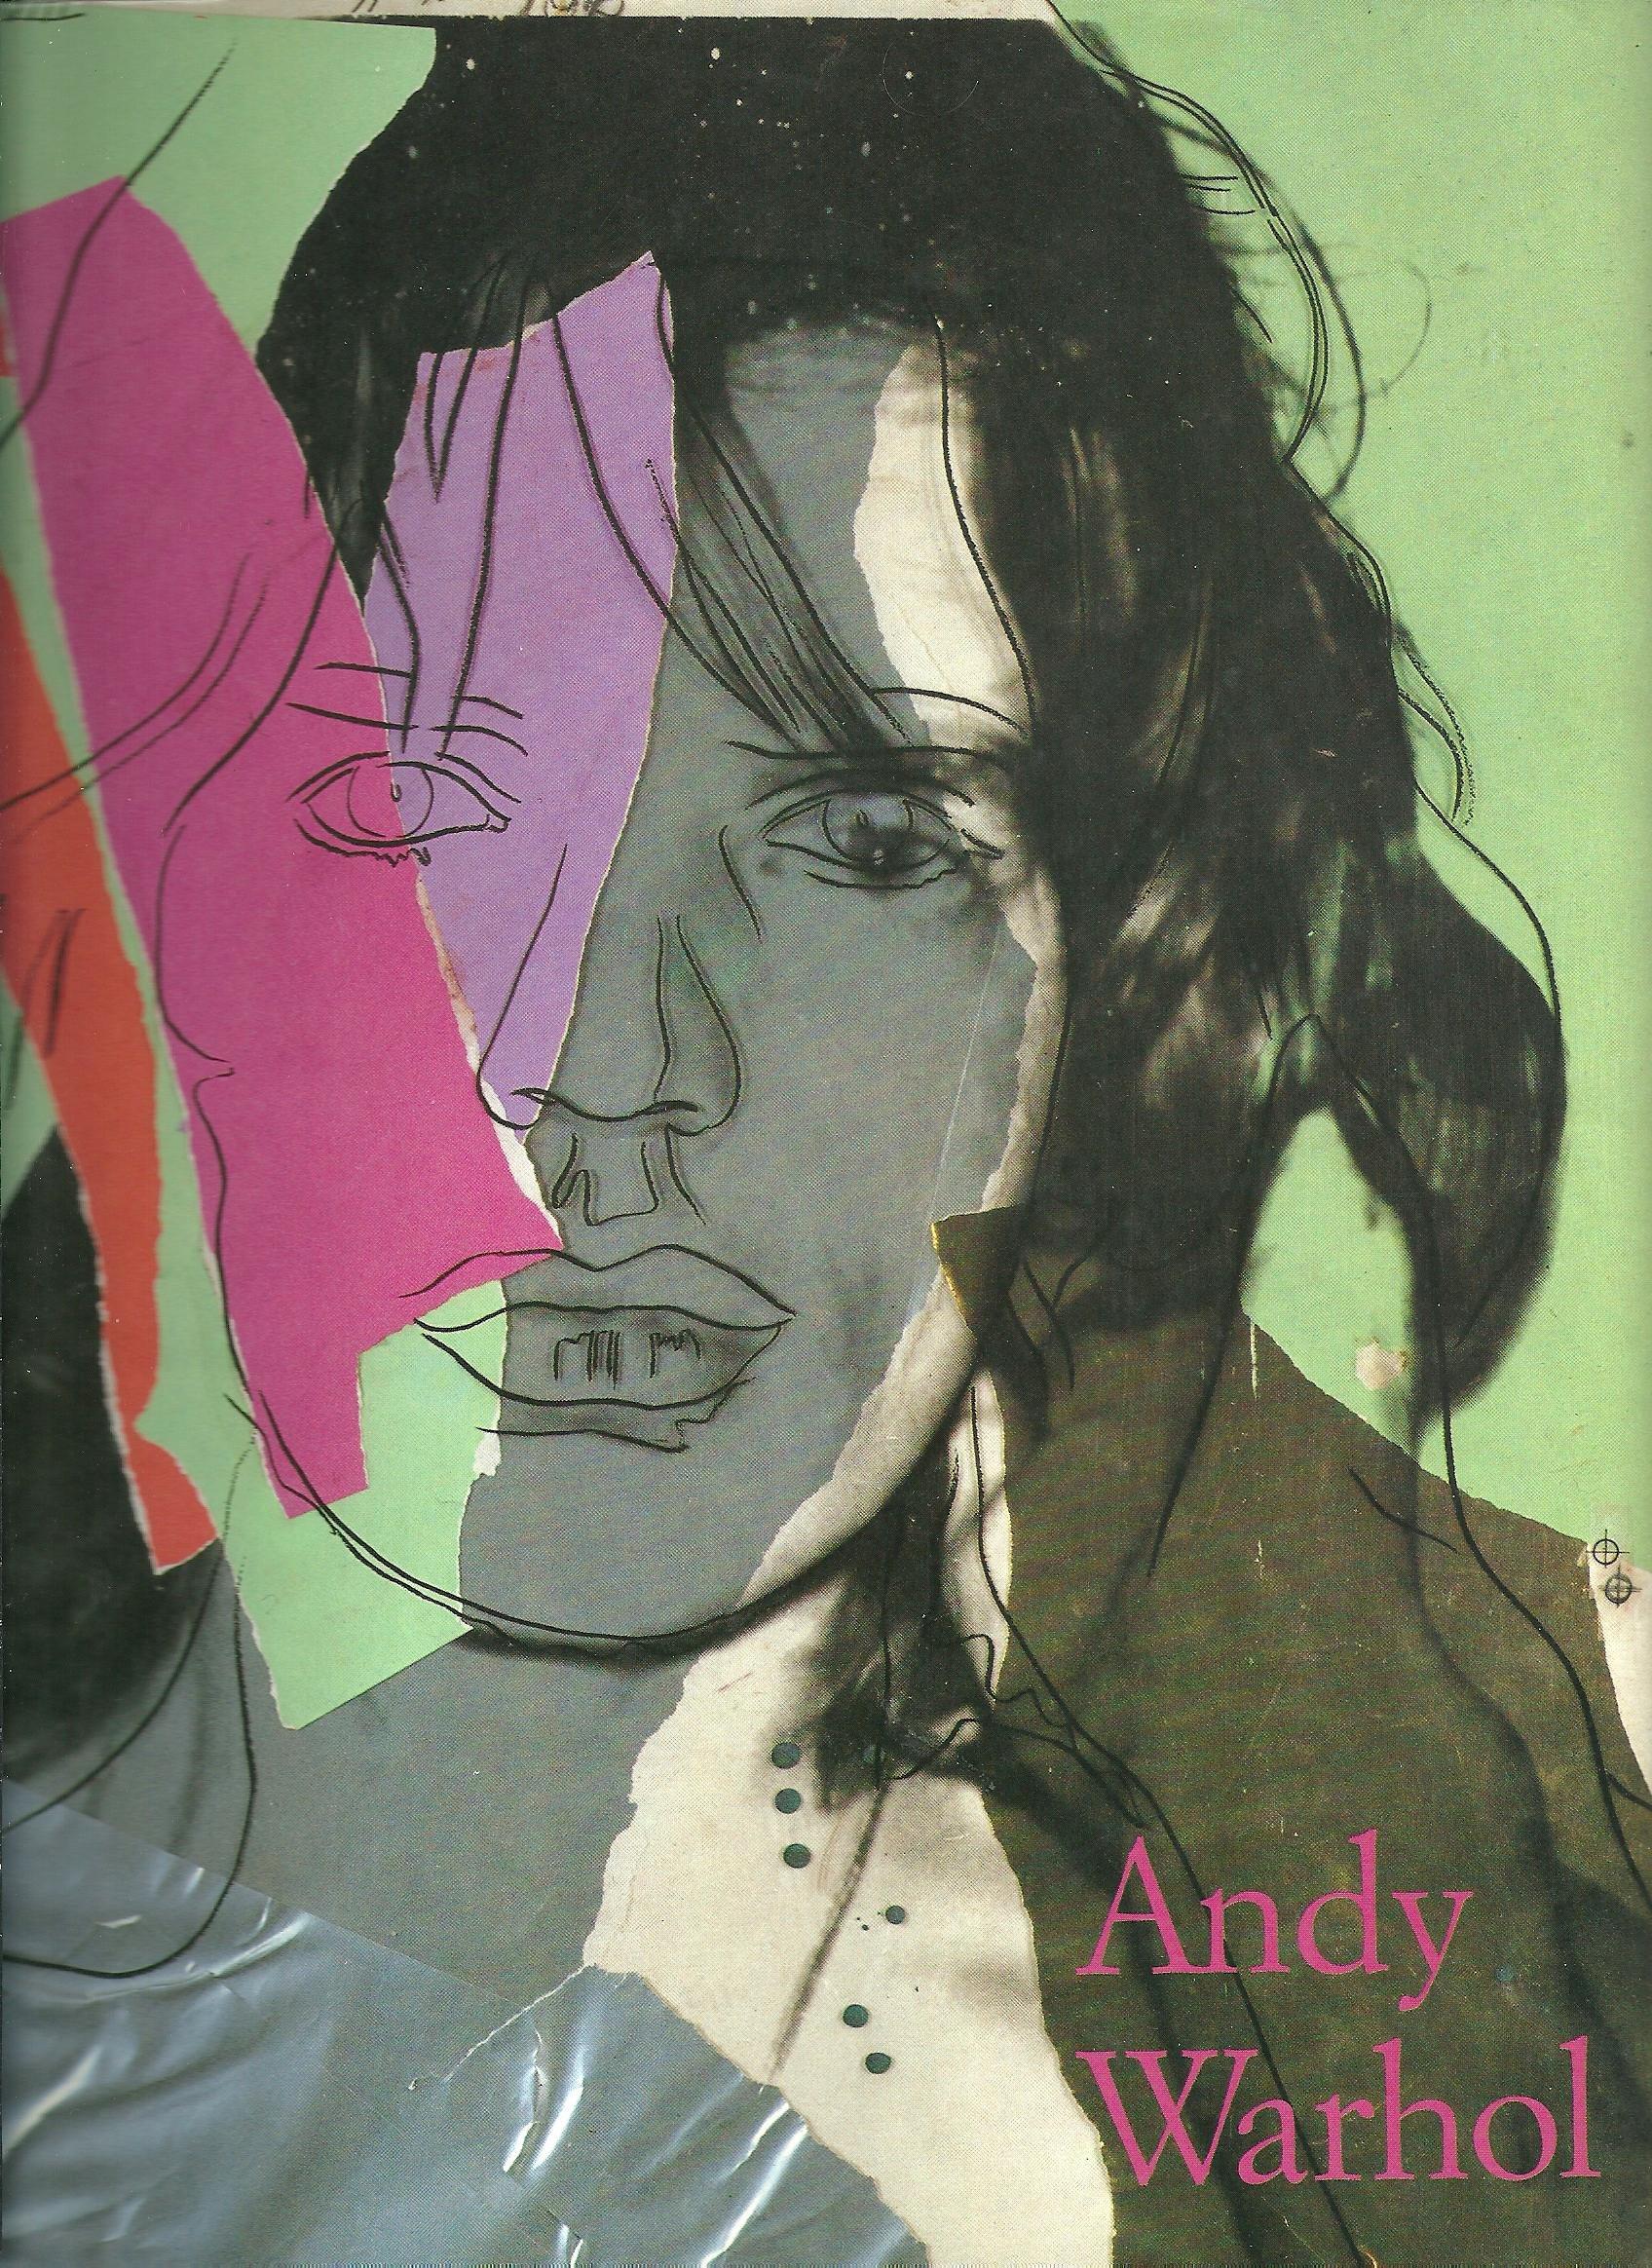 Andy Warhol Amazonde Klaus Hrsg Und Warhol Andy Honnef Bücher